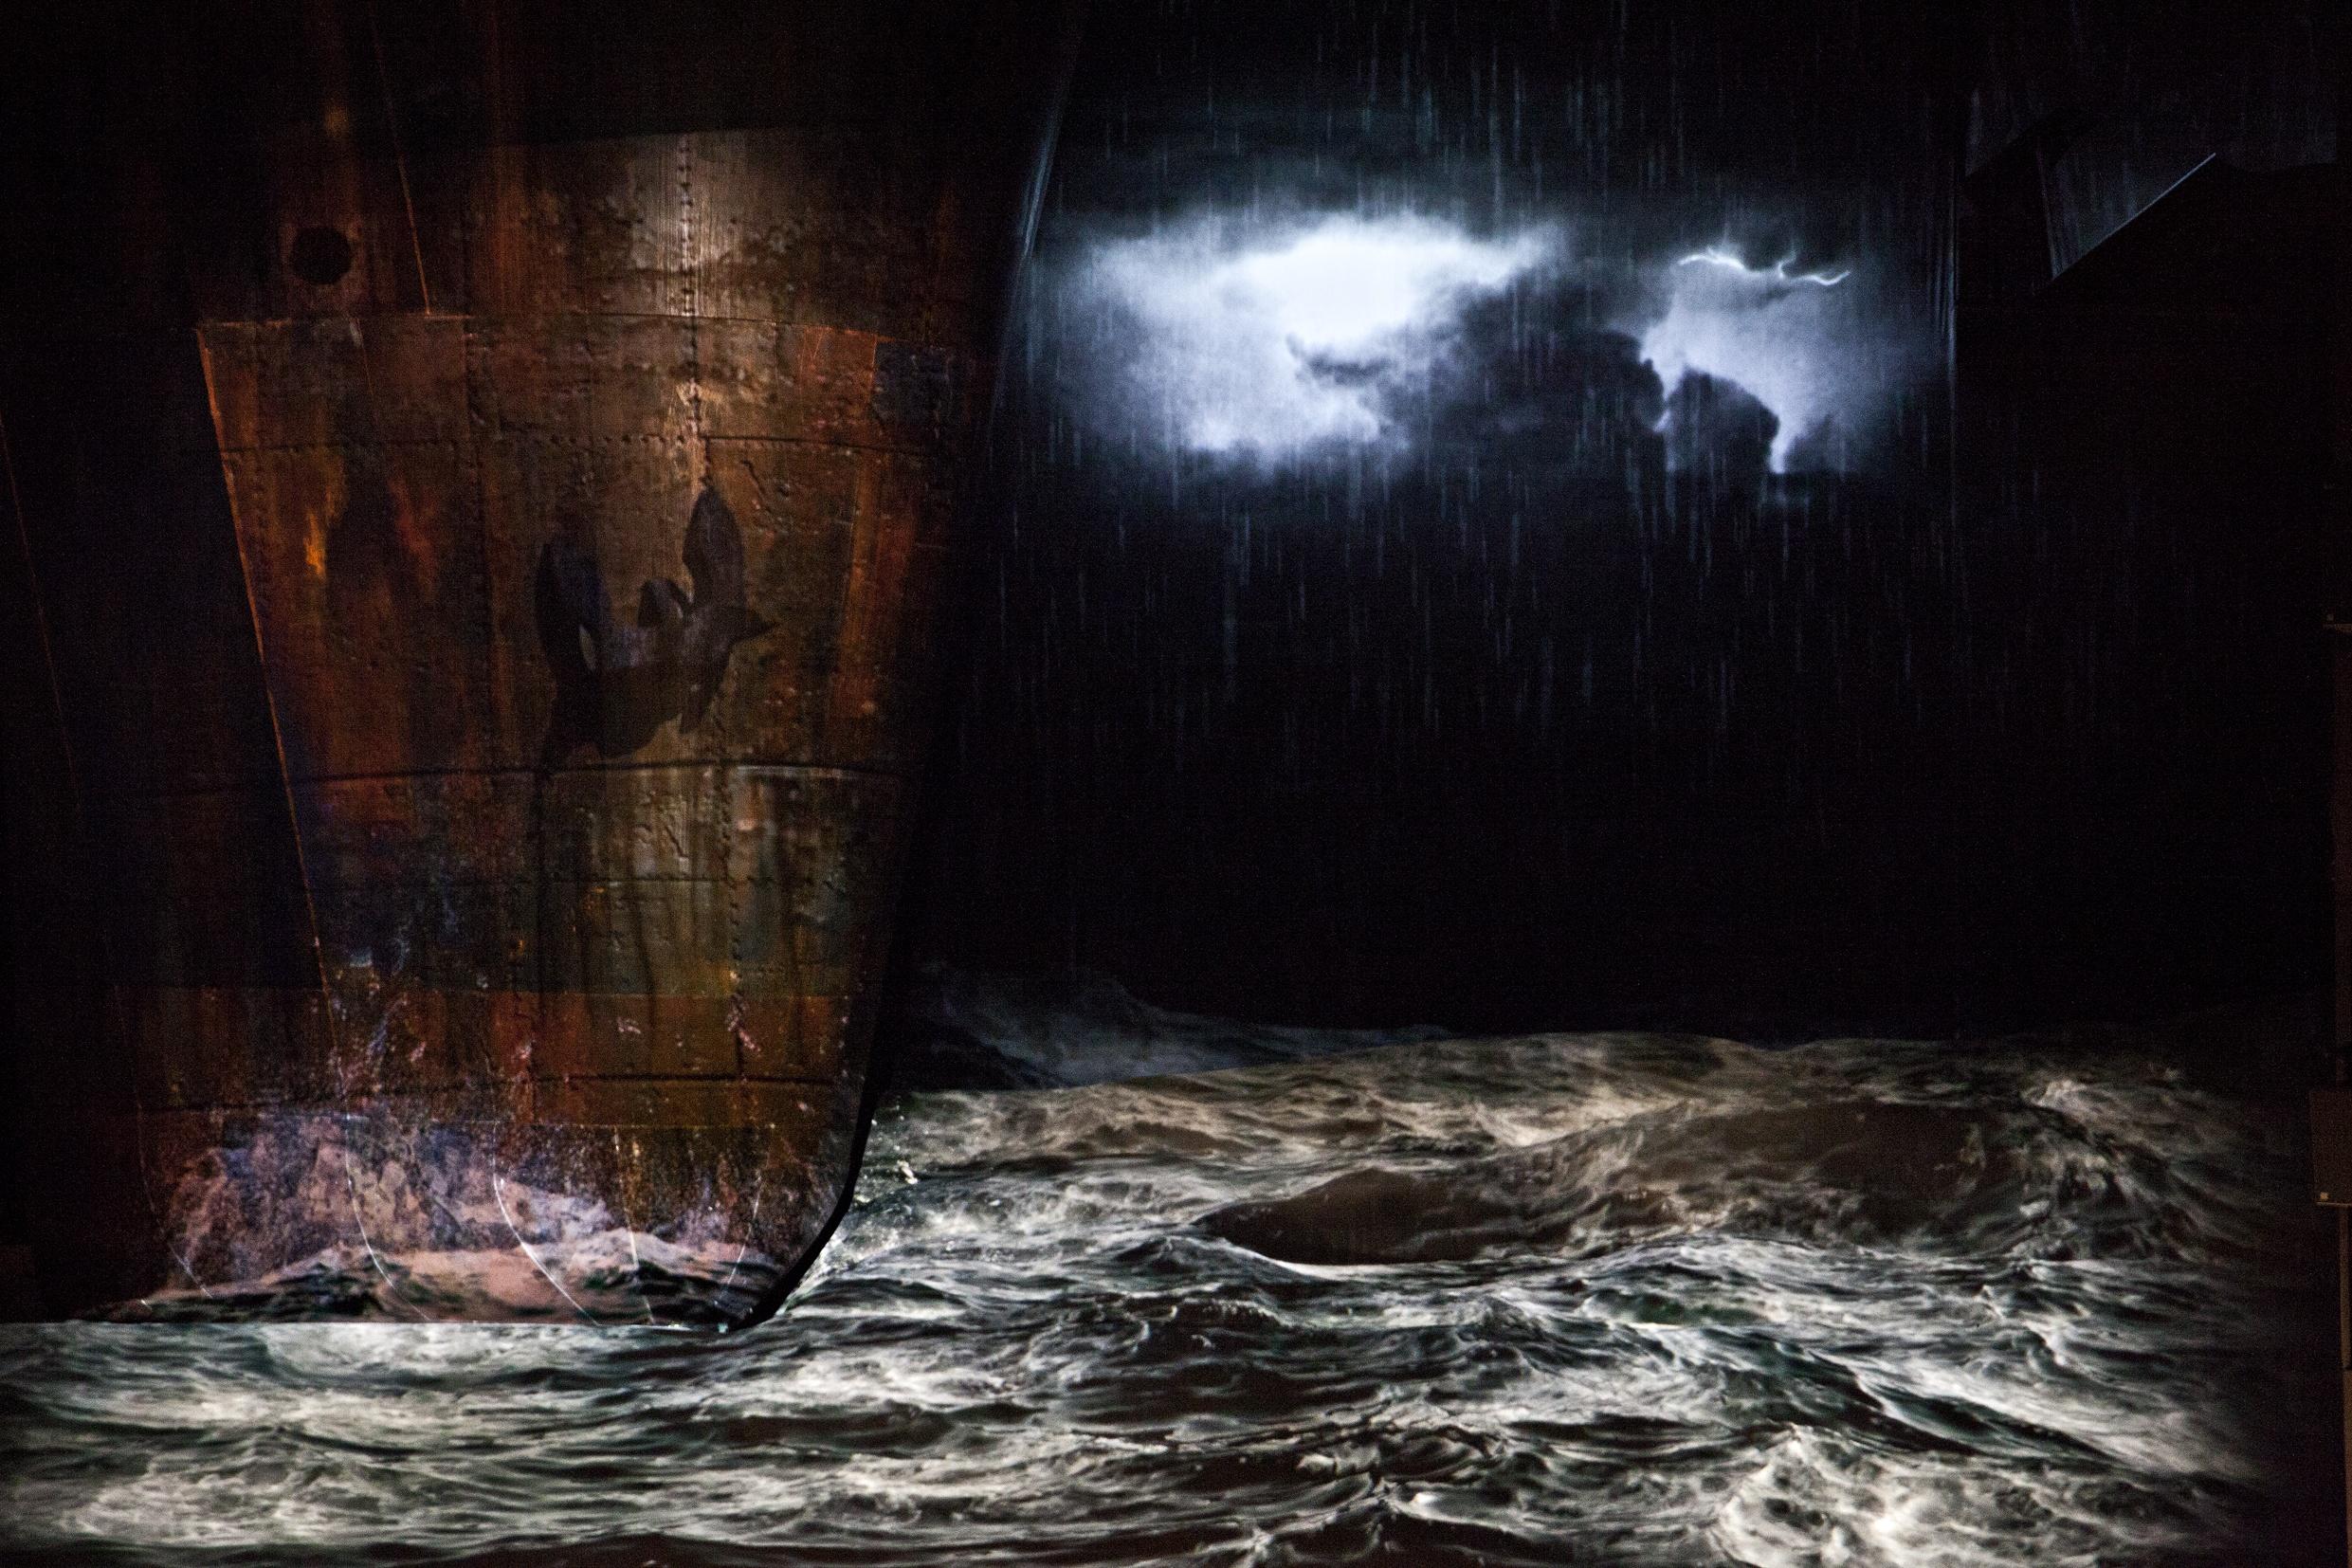 Le Vaisseau fantôme de Richard Wagner, mise en scène Àlex Ollé, Opéra de Lyon, 2014. Photo Jean-Louis Fernandez.